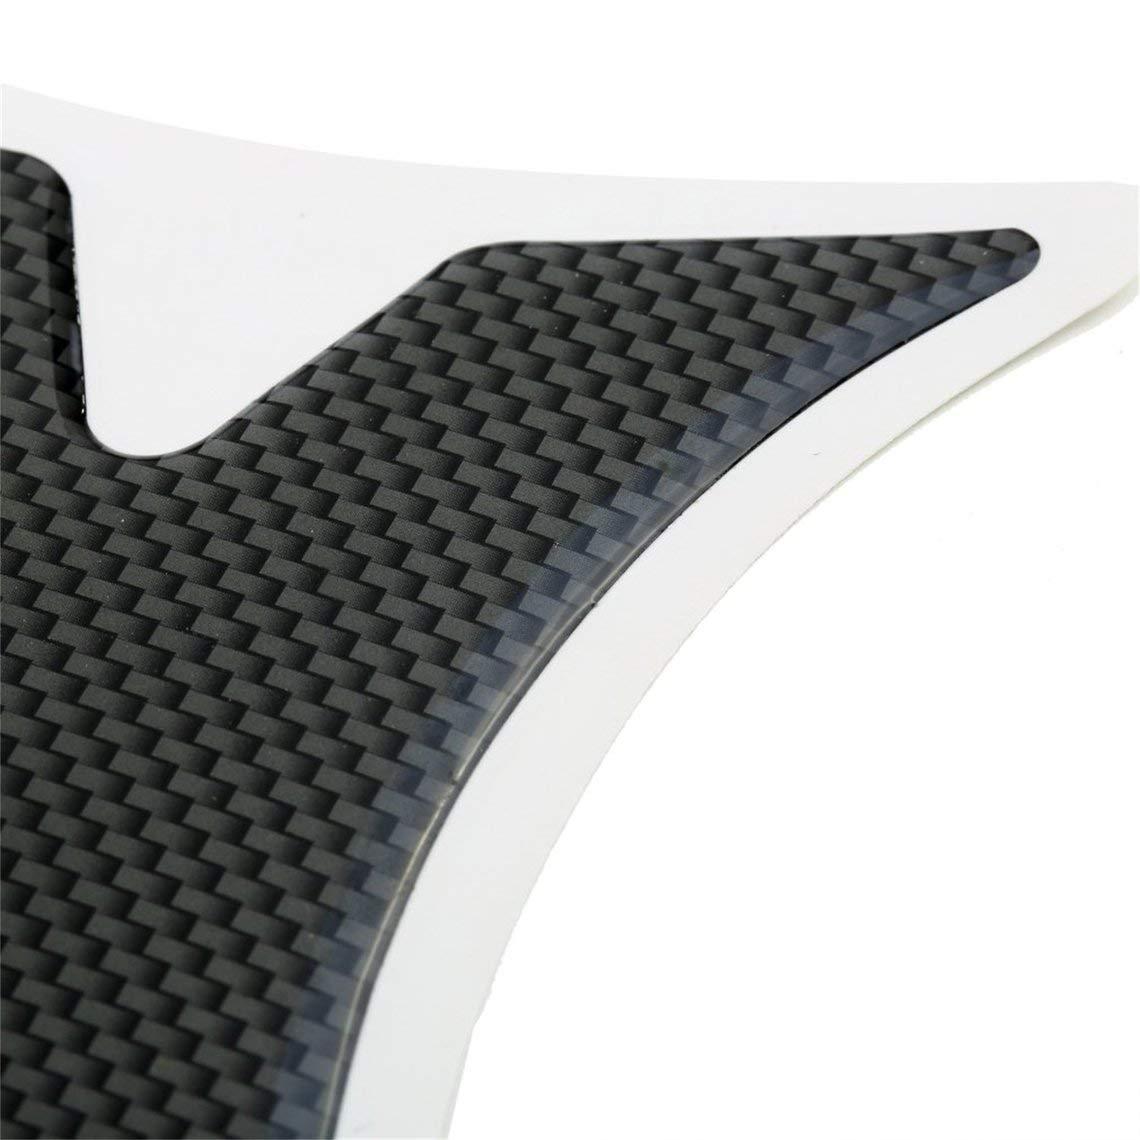 Zinniaya Impermeable Almohadilla del Tanque de Fibra de Carbono del Coche CBR 600 1000 Protector Pegatina para Honda Motocicleta 19 5 cm Accesorios de Veh/ículos de Autom/óviles